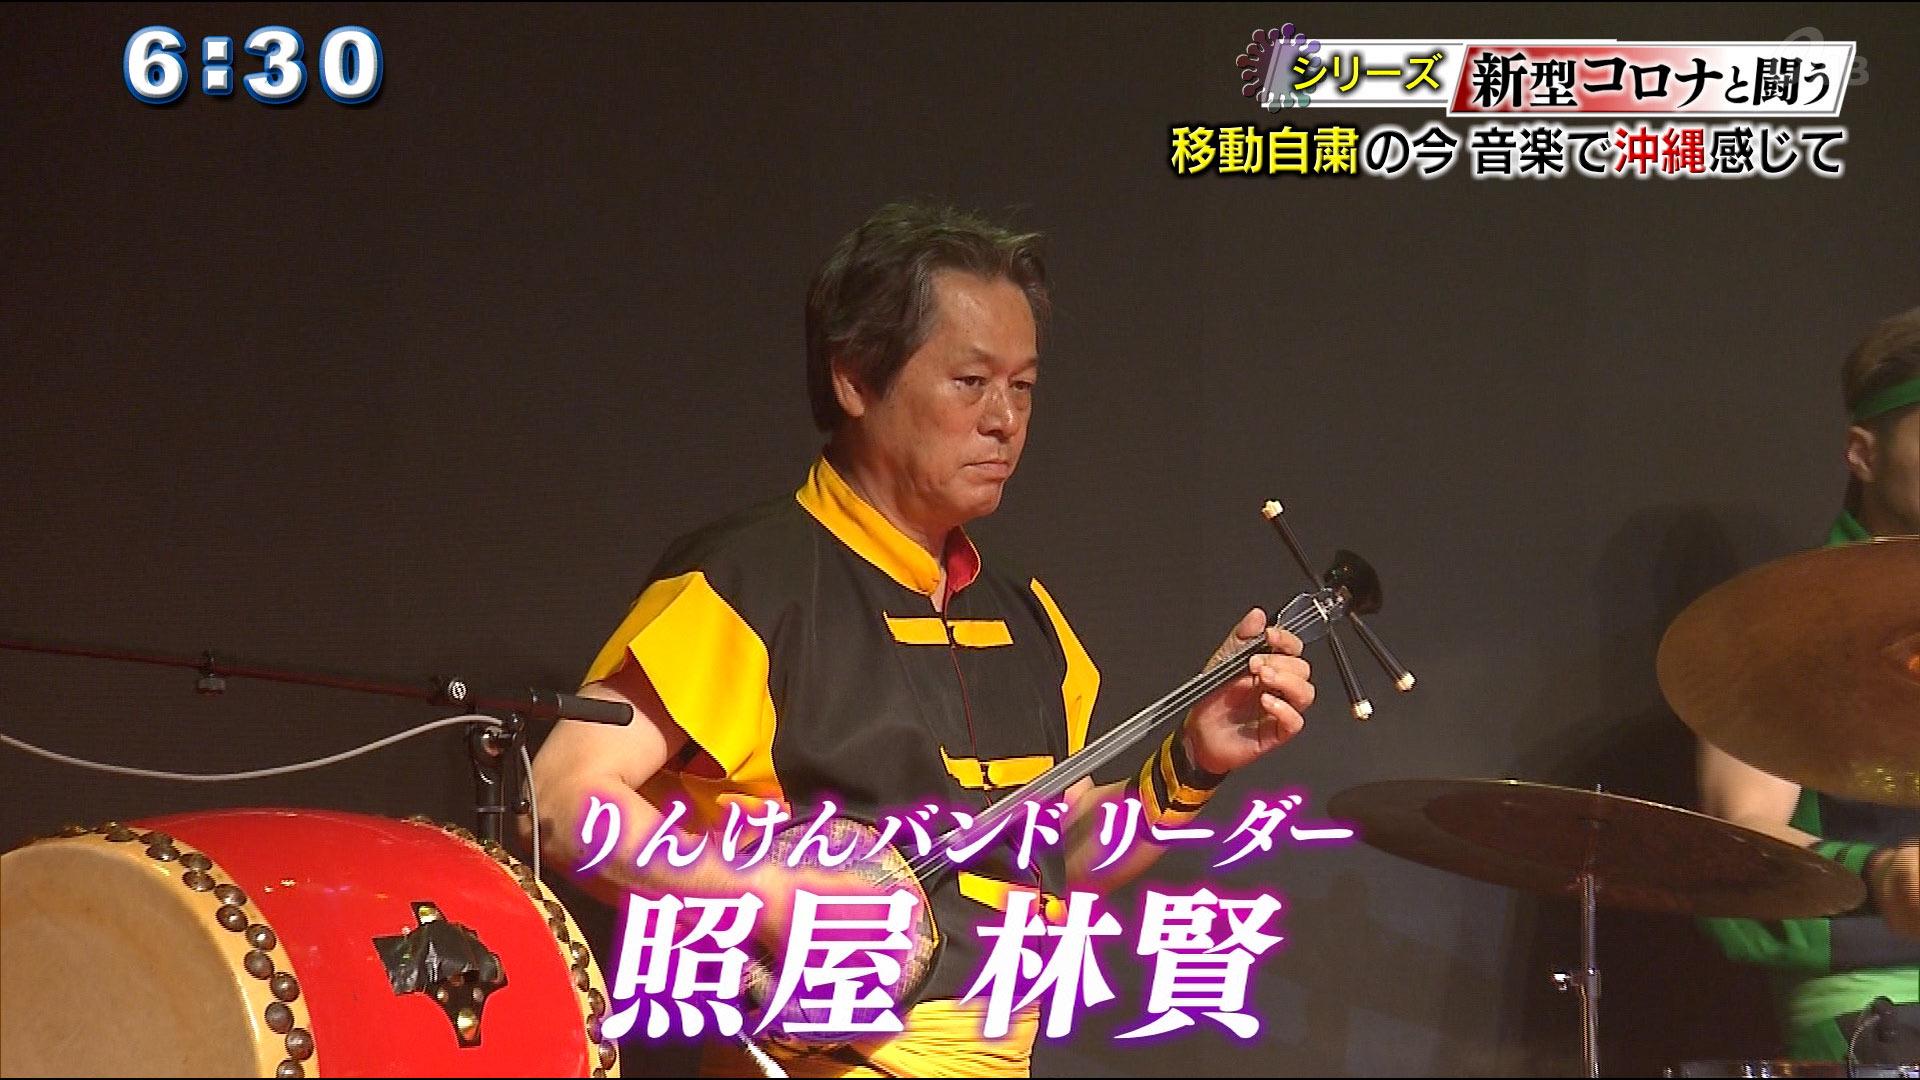 照屋林賢さん コロナ禍の今「音楽の力を配信」